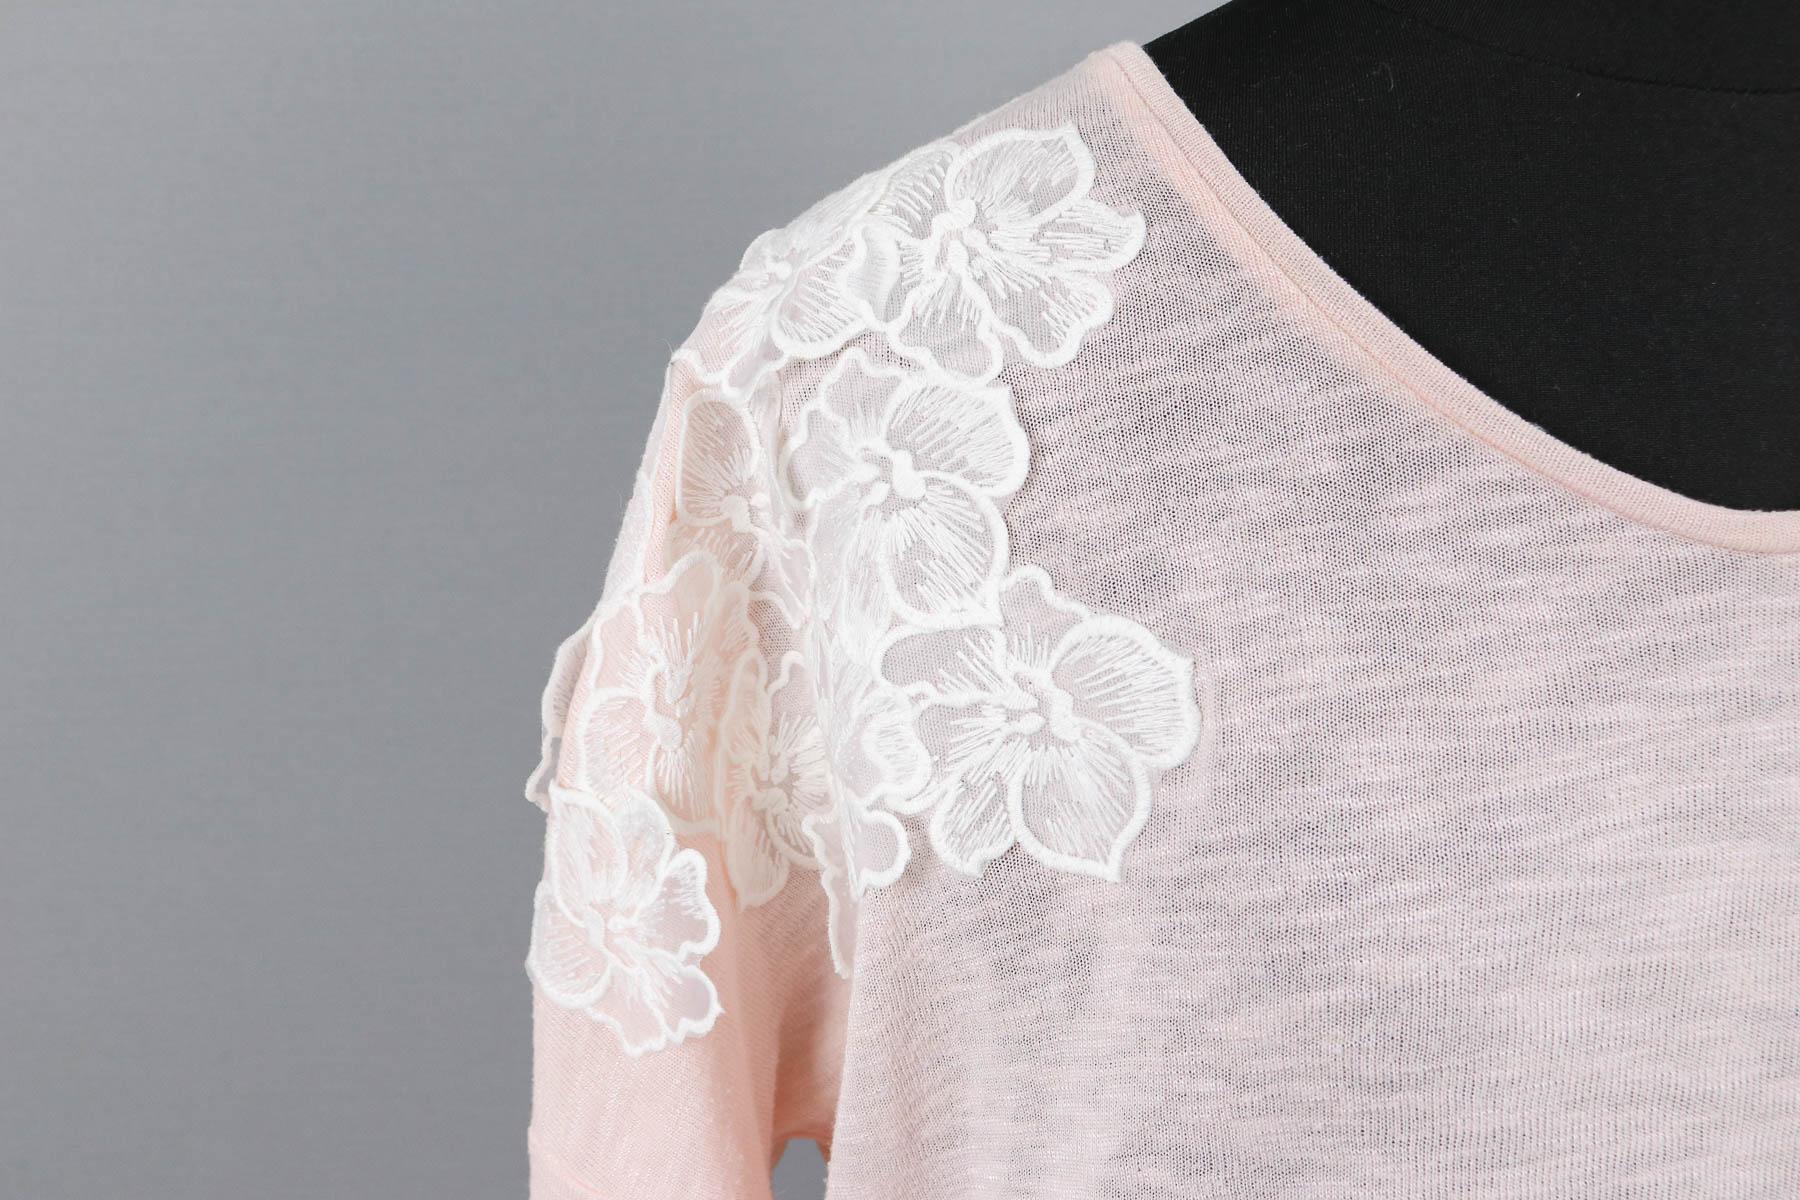 Blühten aus Spitze auf gekauftes Shirt nähen. JanaKnöpfchen